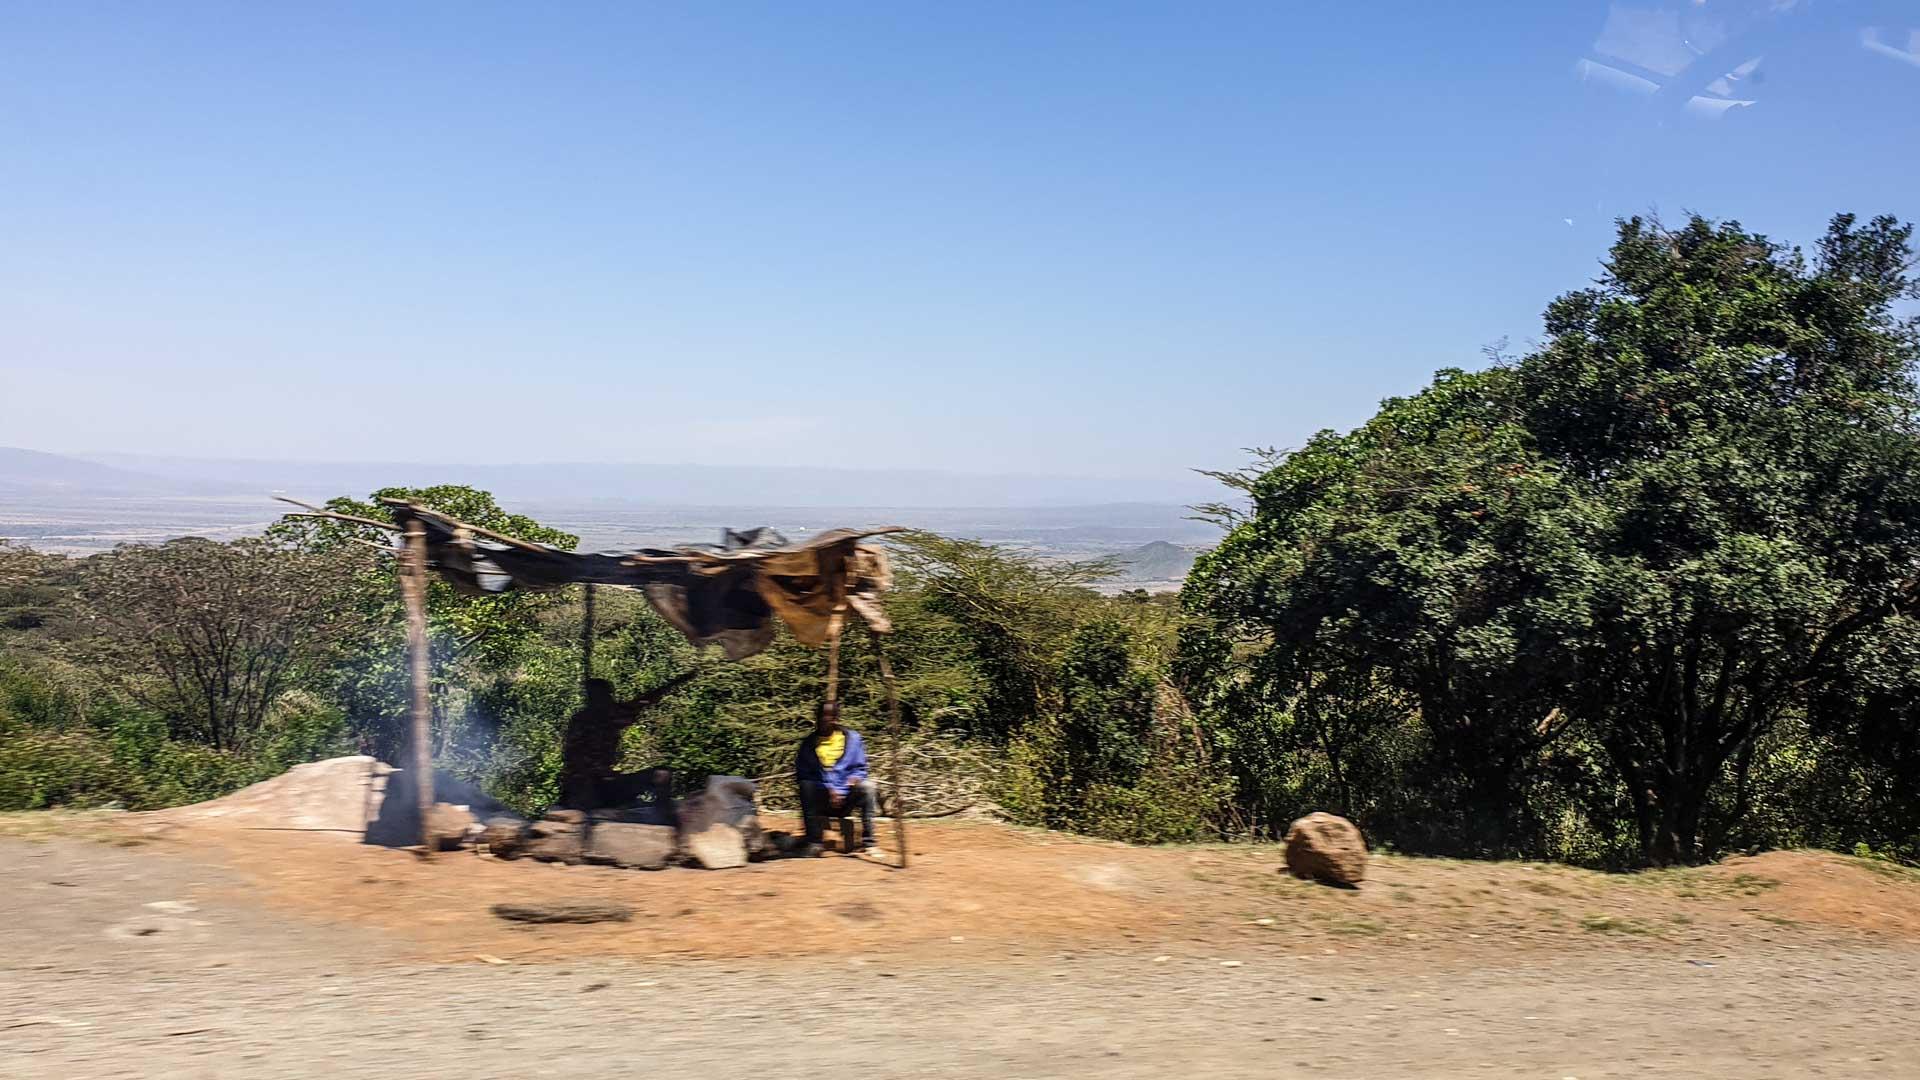 Puestos de venta en el Valle de Rift, Kenia